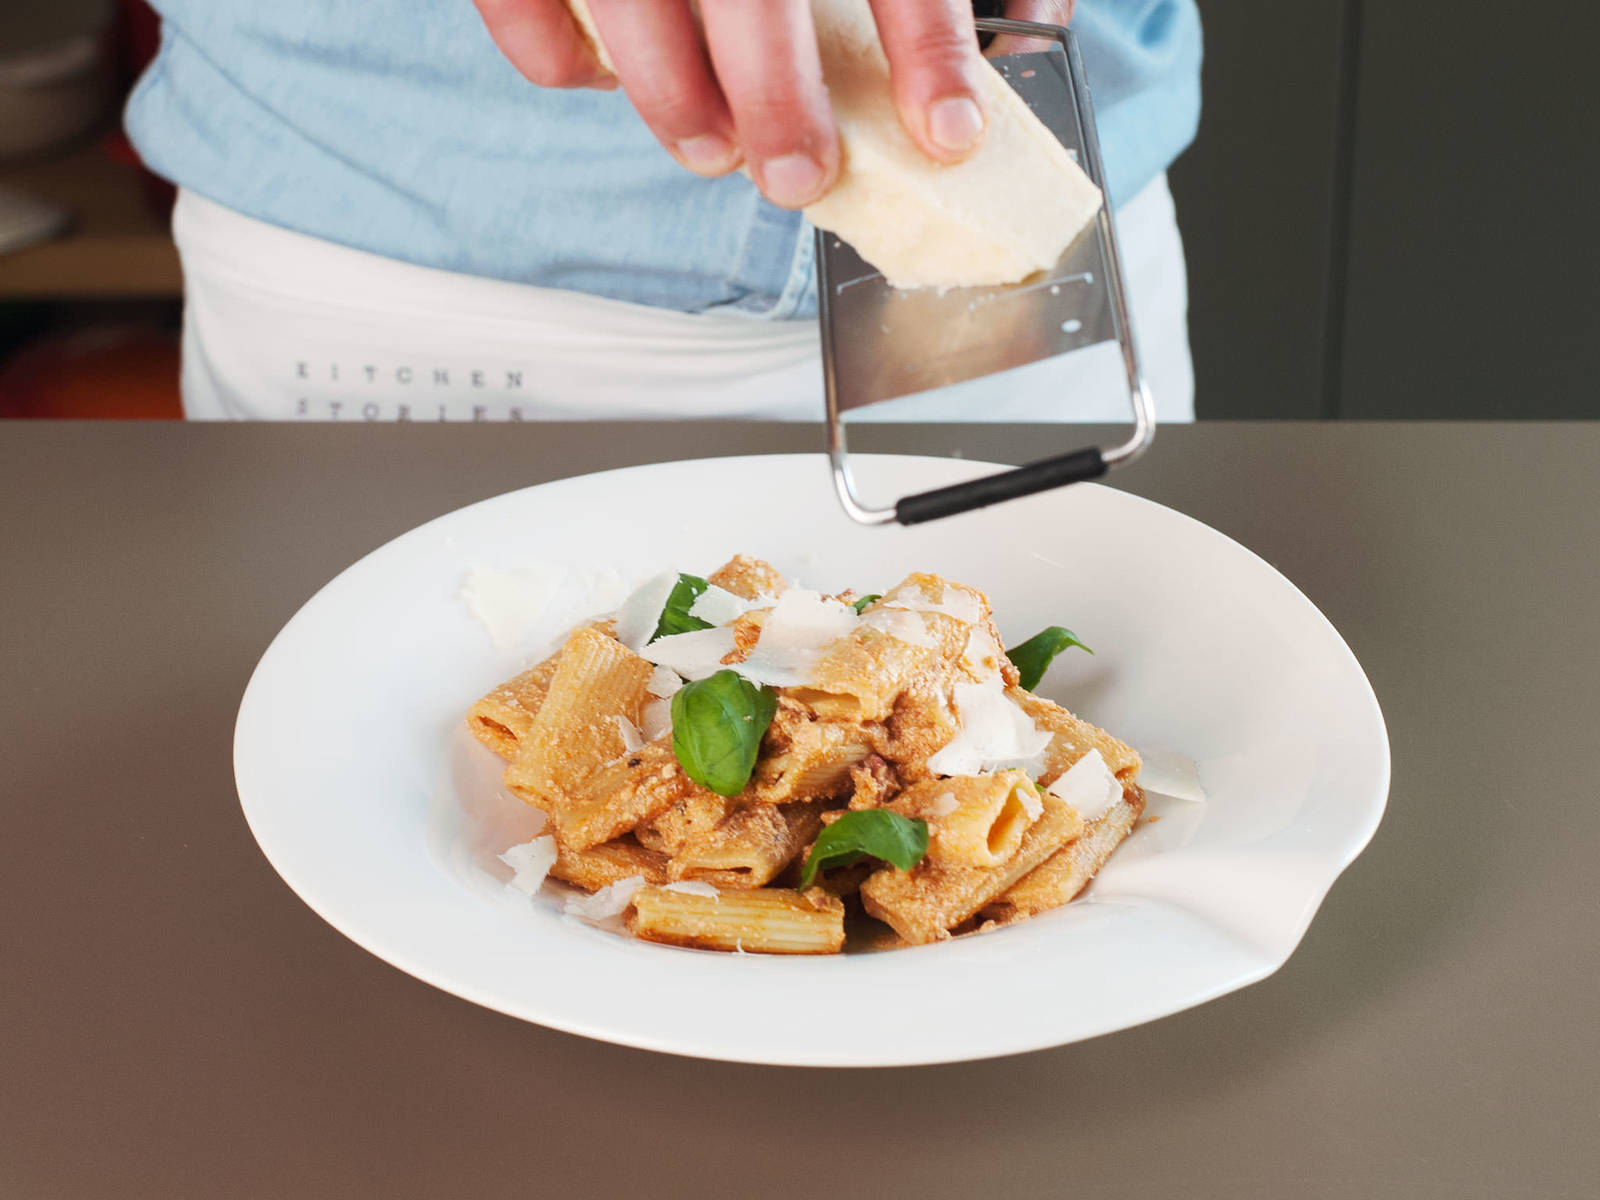 Rigatoni zur Tomatensauce geben und mit Salz und Pfeffer abschmecken. Je nach Wunsch mit geriebenem Parmesan, frischem Basilikum und gutem Olivenöl garniert servieren. Guten Appetit!